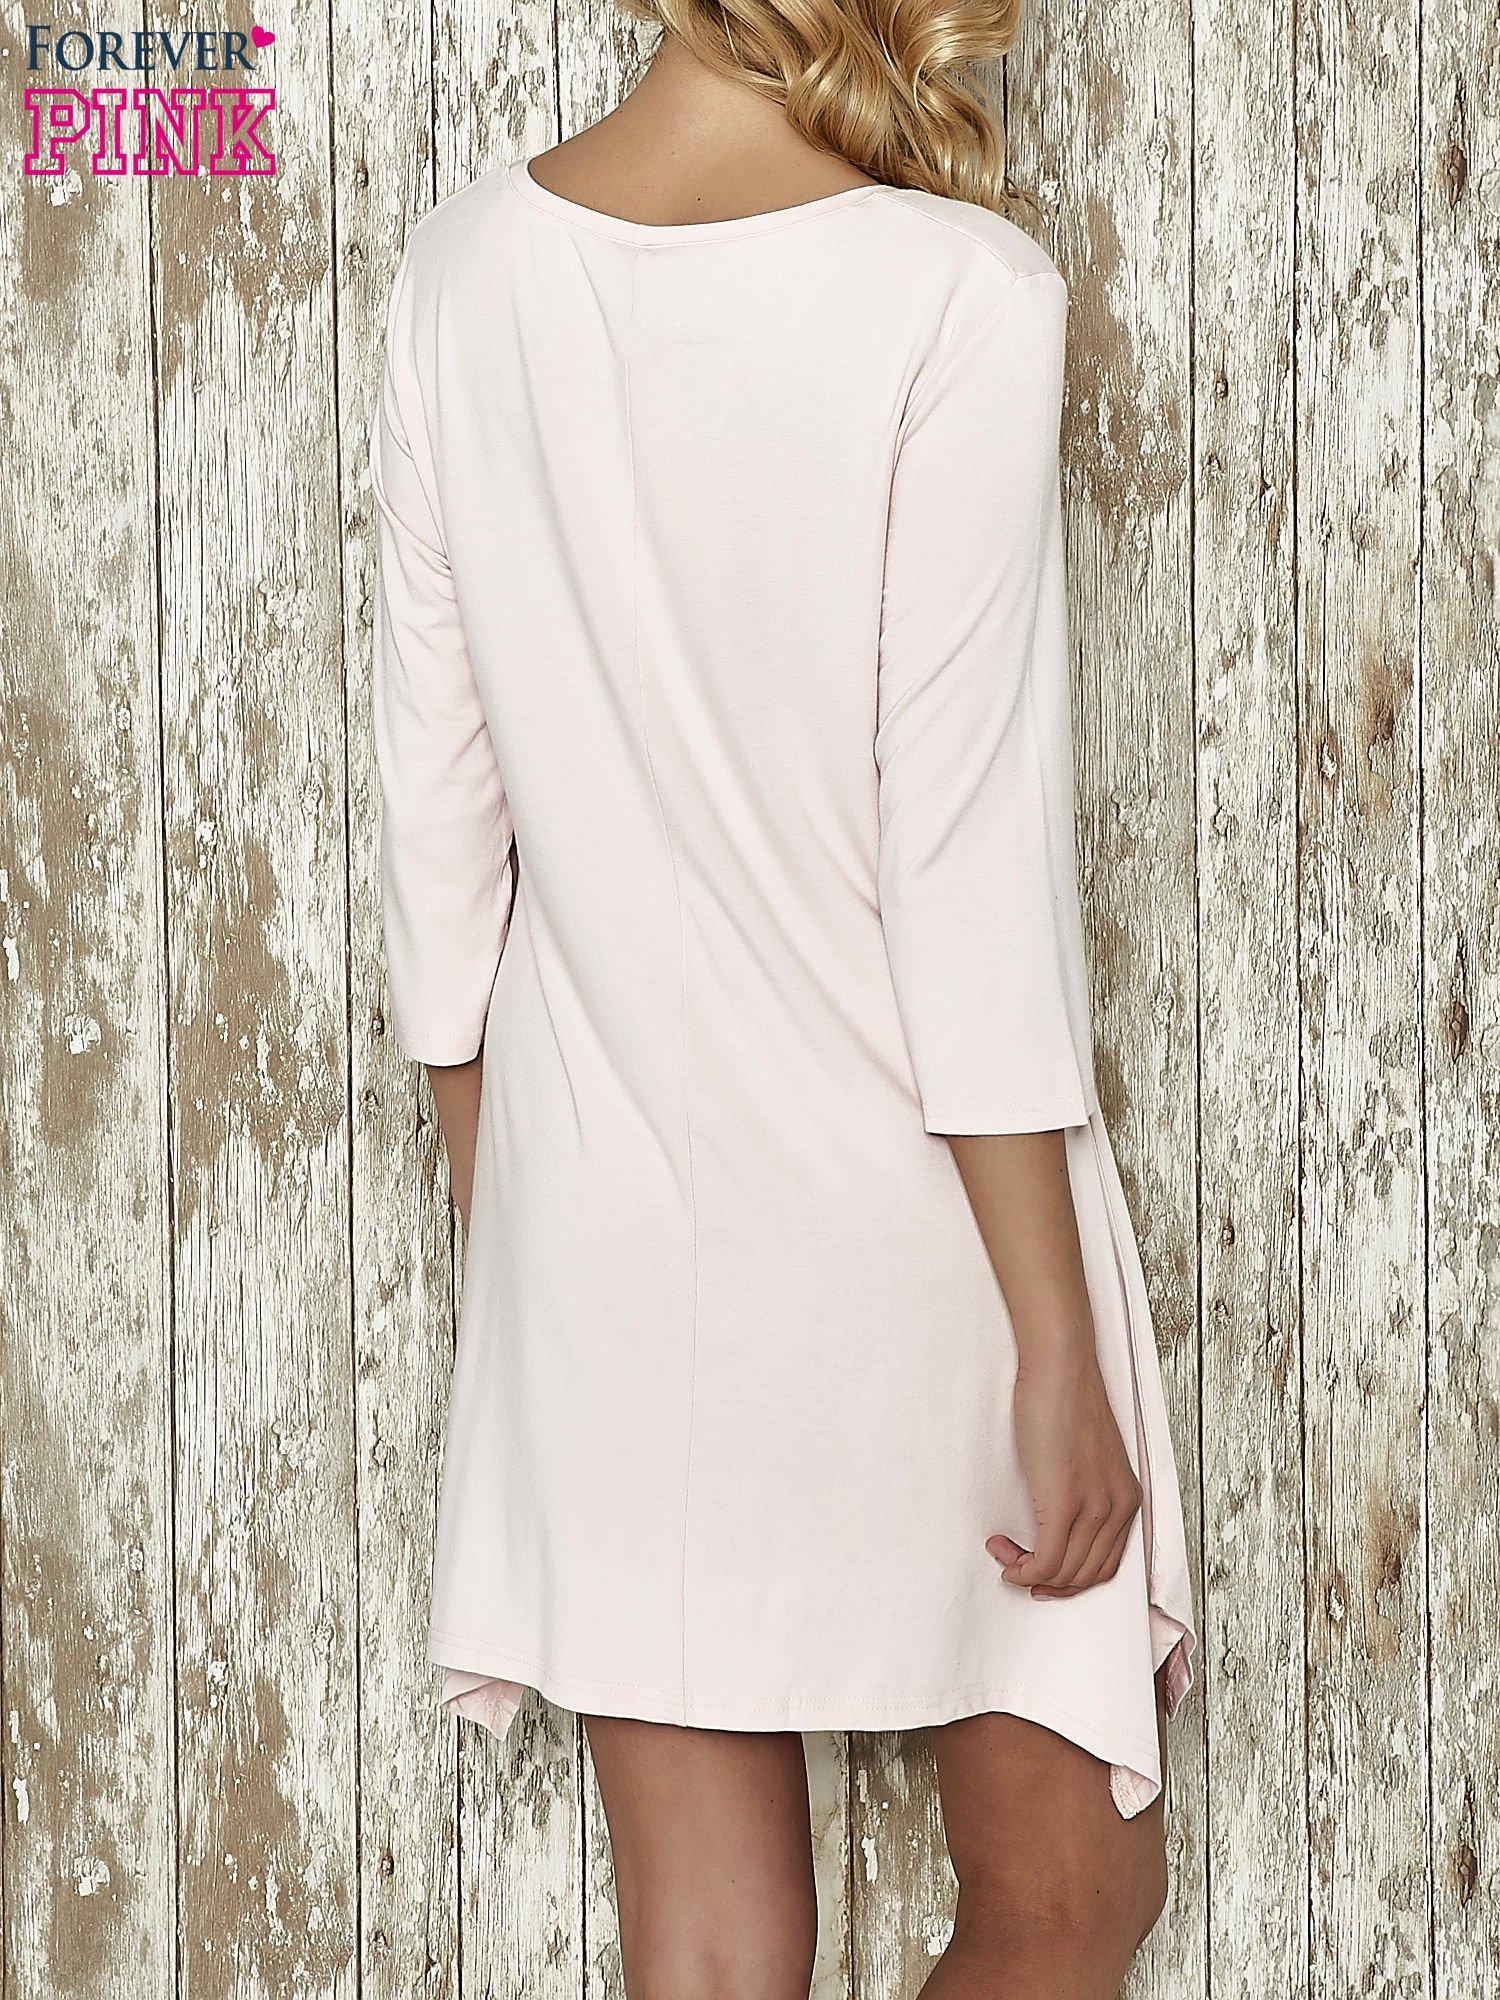 Różowa sukienka damska z nadrukiem kotów                                  zdj.                                  3